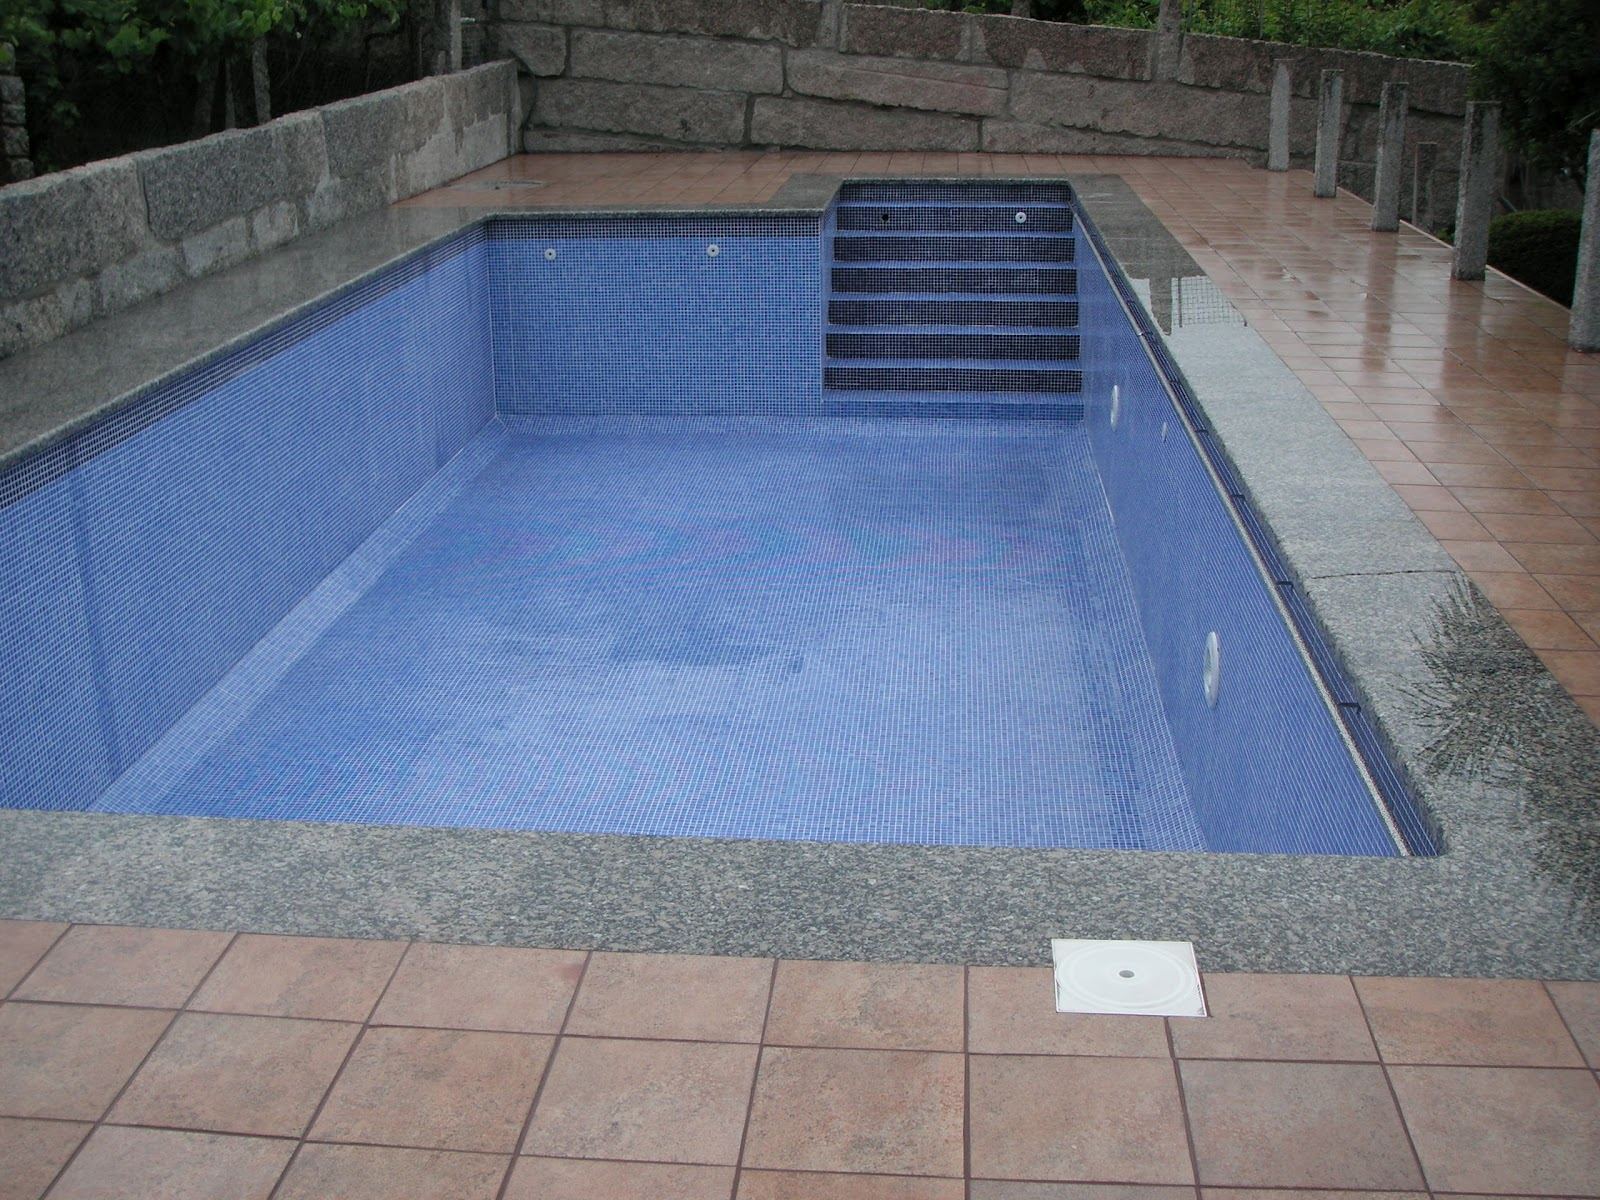 Construcciones pablo p rez alonso s l piscinas - Escaleras de piscinas baratas ...